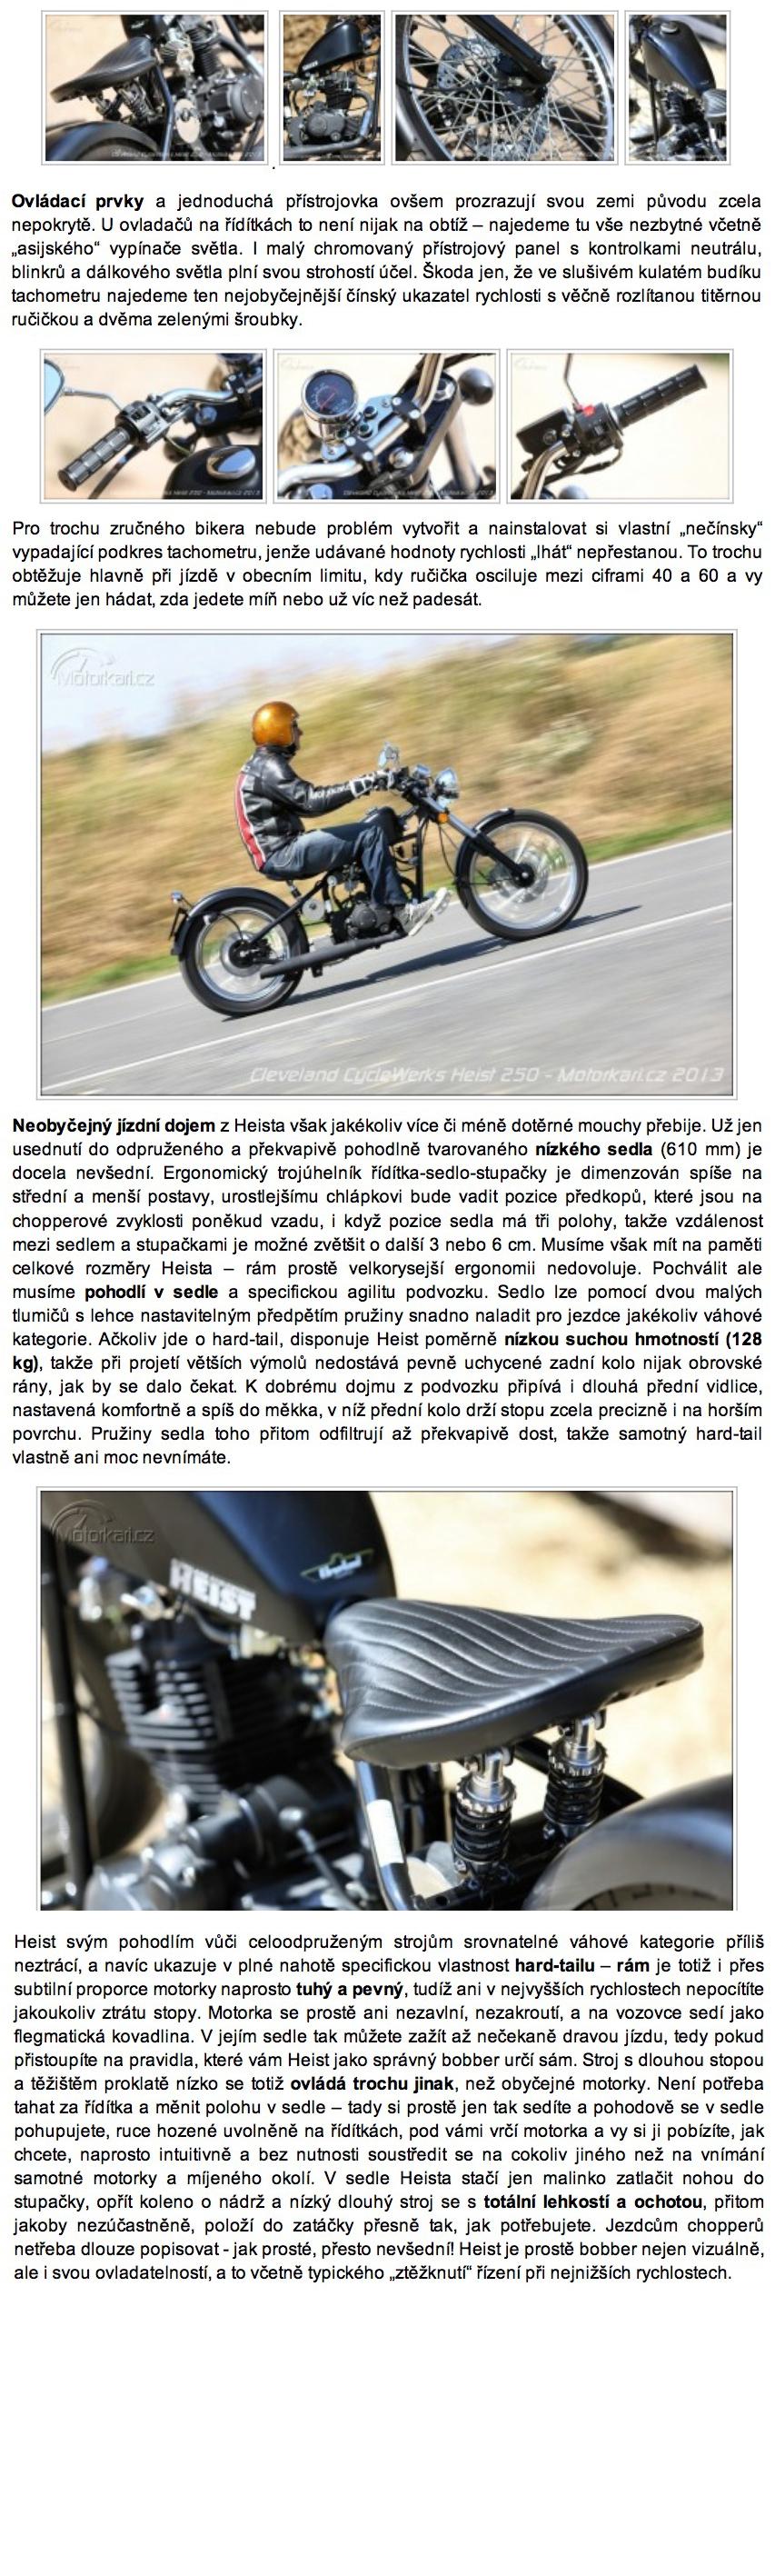 Motorkari.cz-2013-Heist-Czech-02.jpg